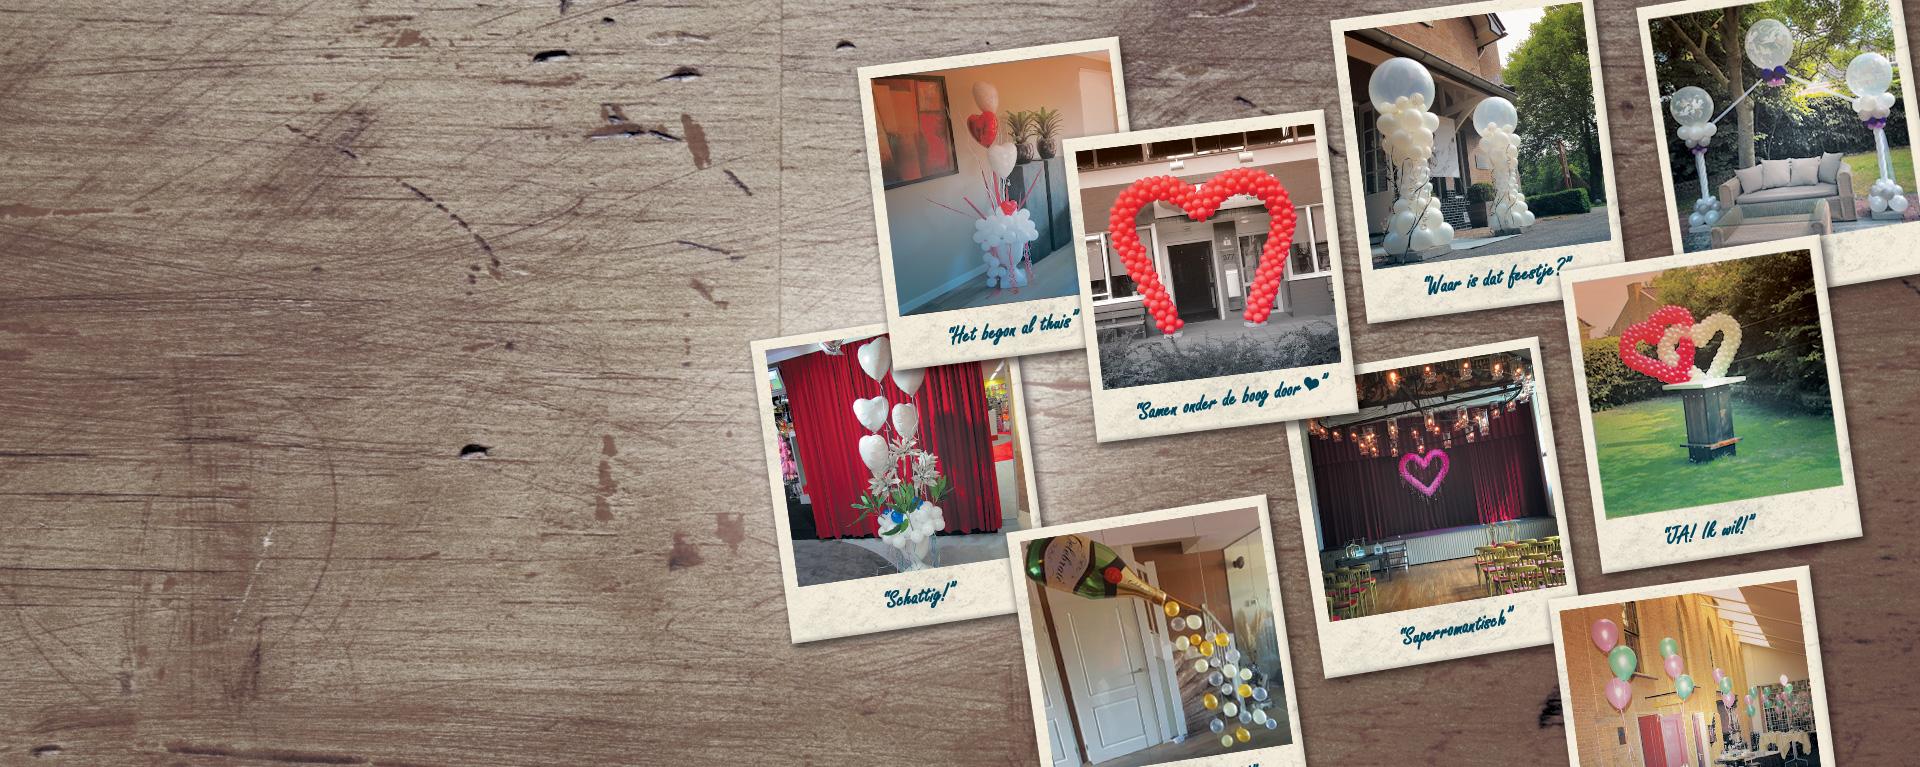 Binnenkort een bruiloft? Maak de dag nog mooier met ballondecoraties!